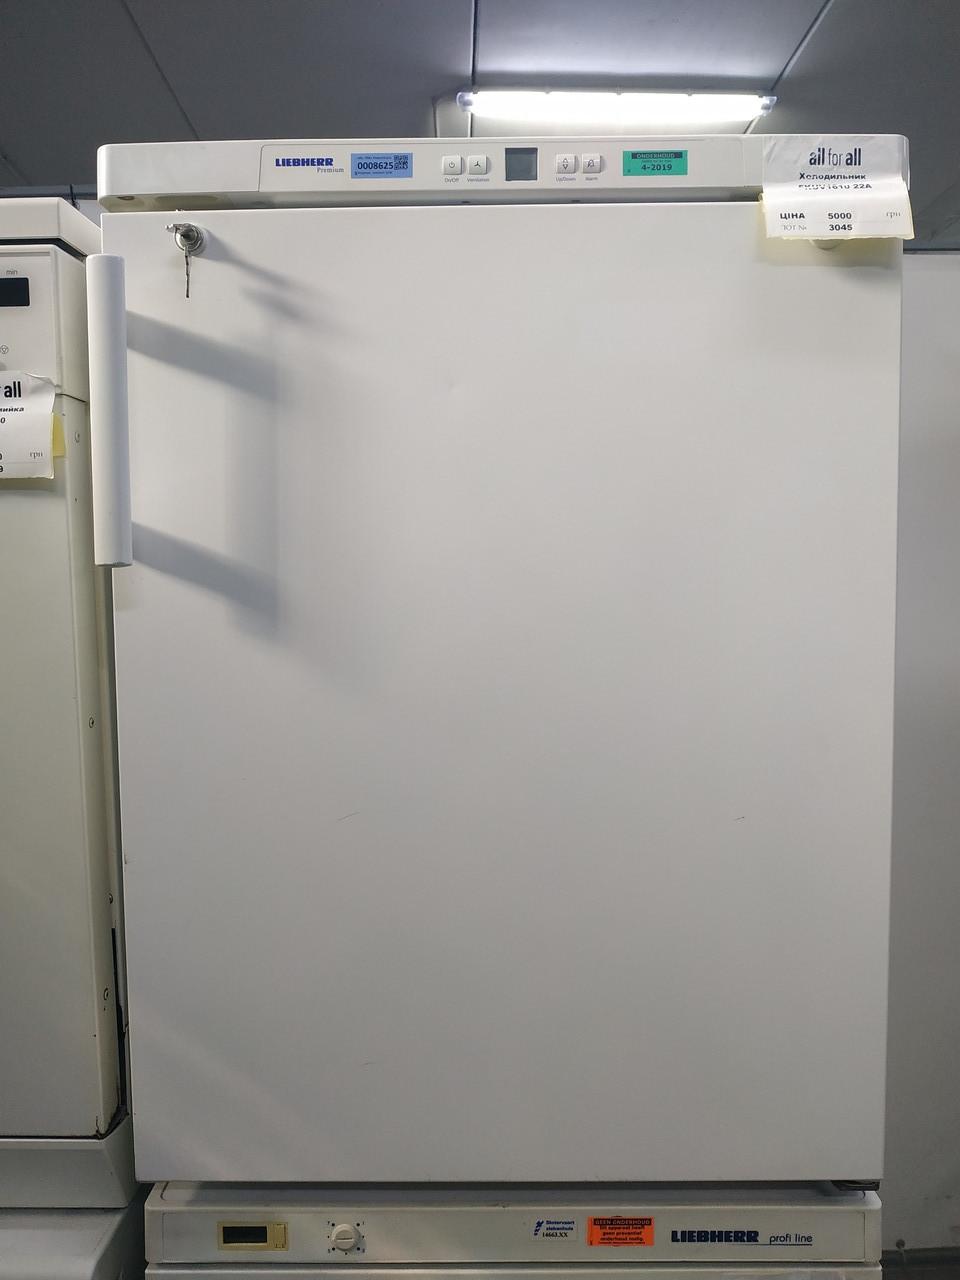 Профейсійний холодильник однокамерний маленький  Liebherr FKUv 1610 б у холодильник, фото 1